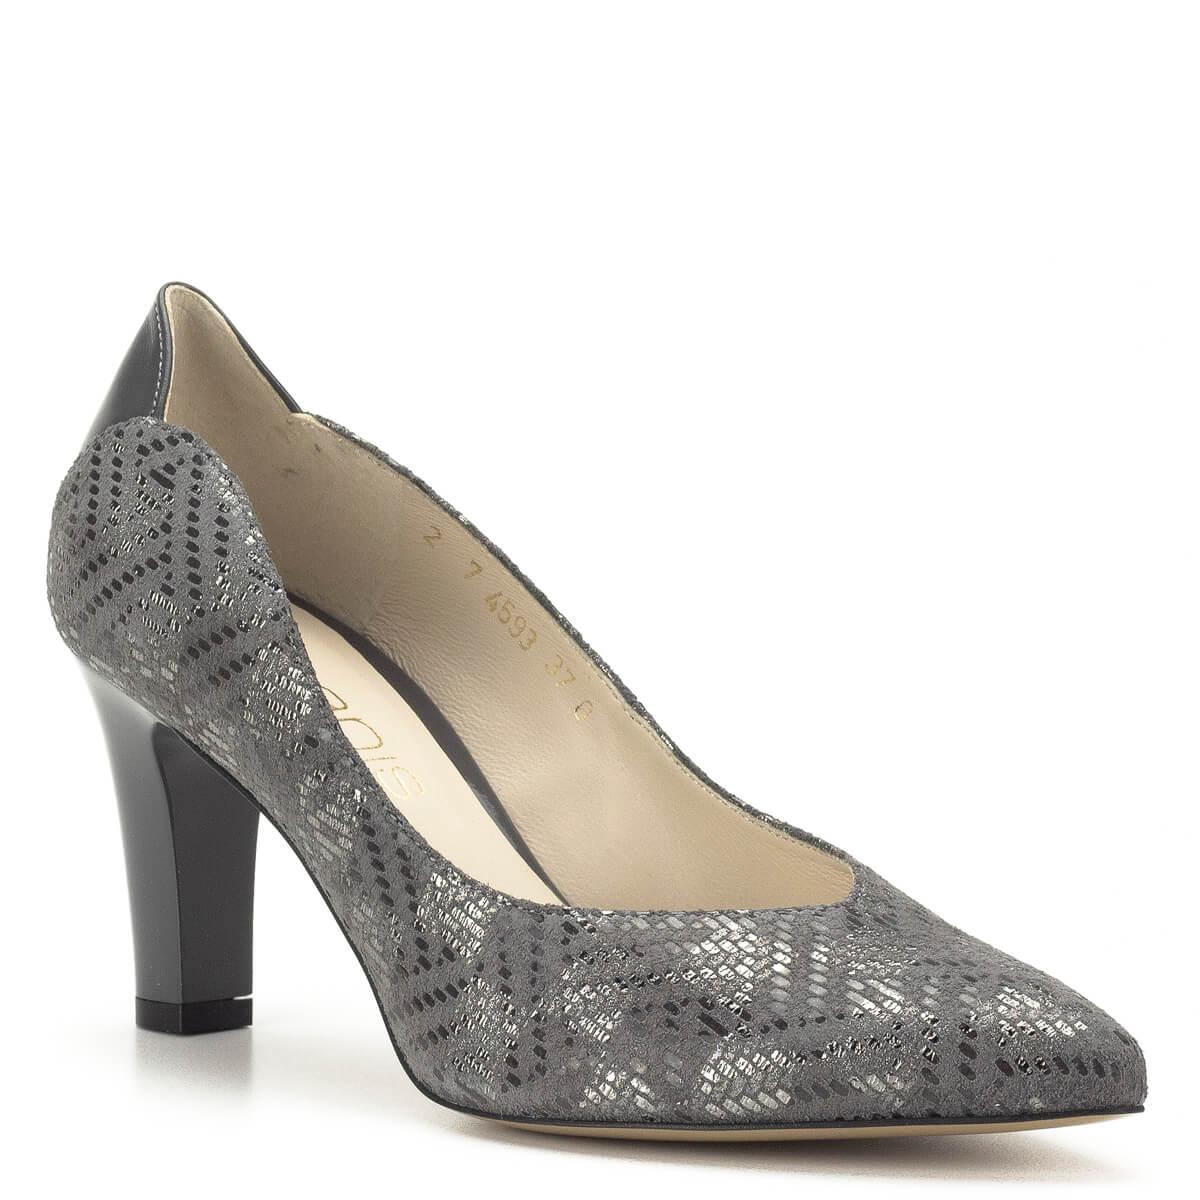 ... Szürke Anis magassarkú bőr cipő - Magassarkú cipők - Anis cipők - Anis  4539 GREY 343 ... fd6cae1c2e